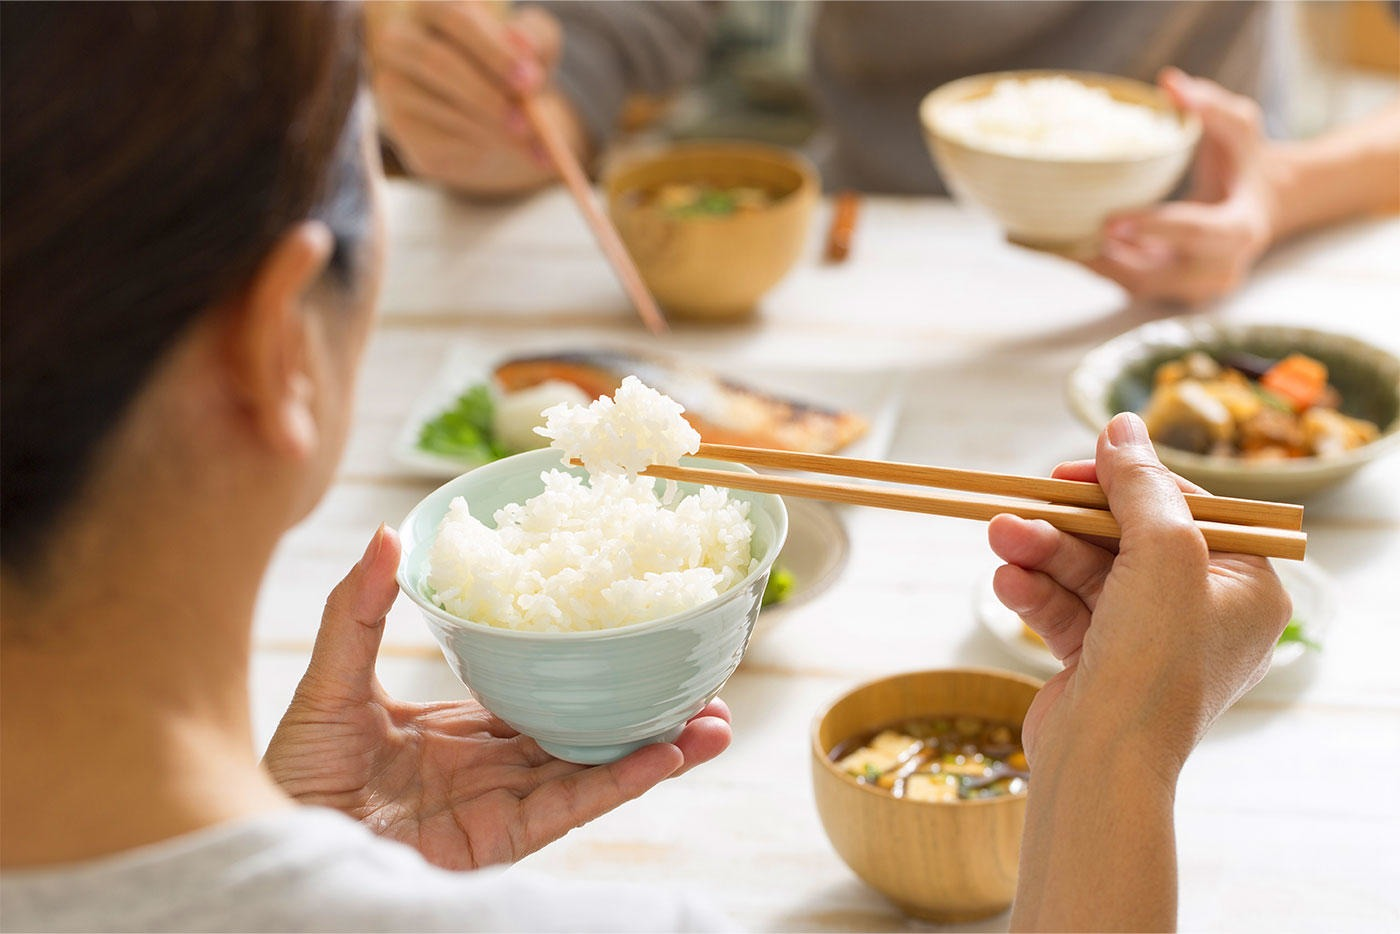 令和元年 国民健康・栄養調査(3)栄養・食生活、身体活動・運動の状況